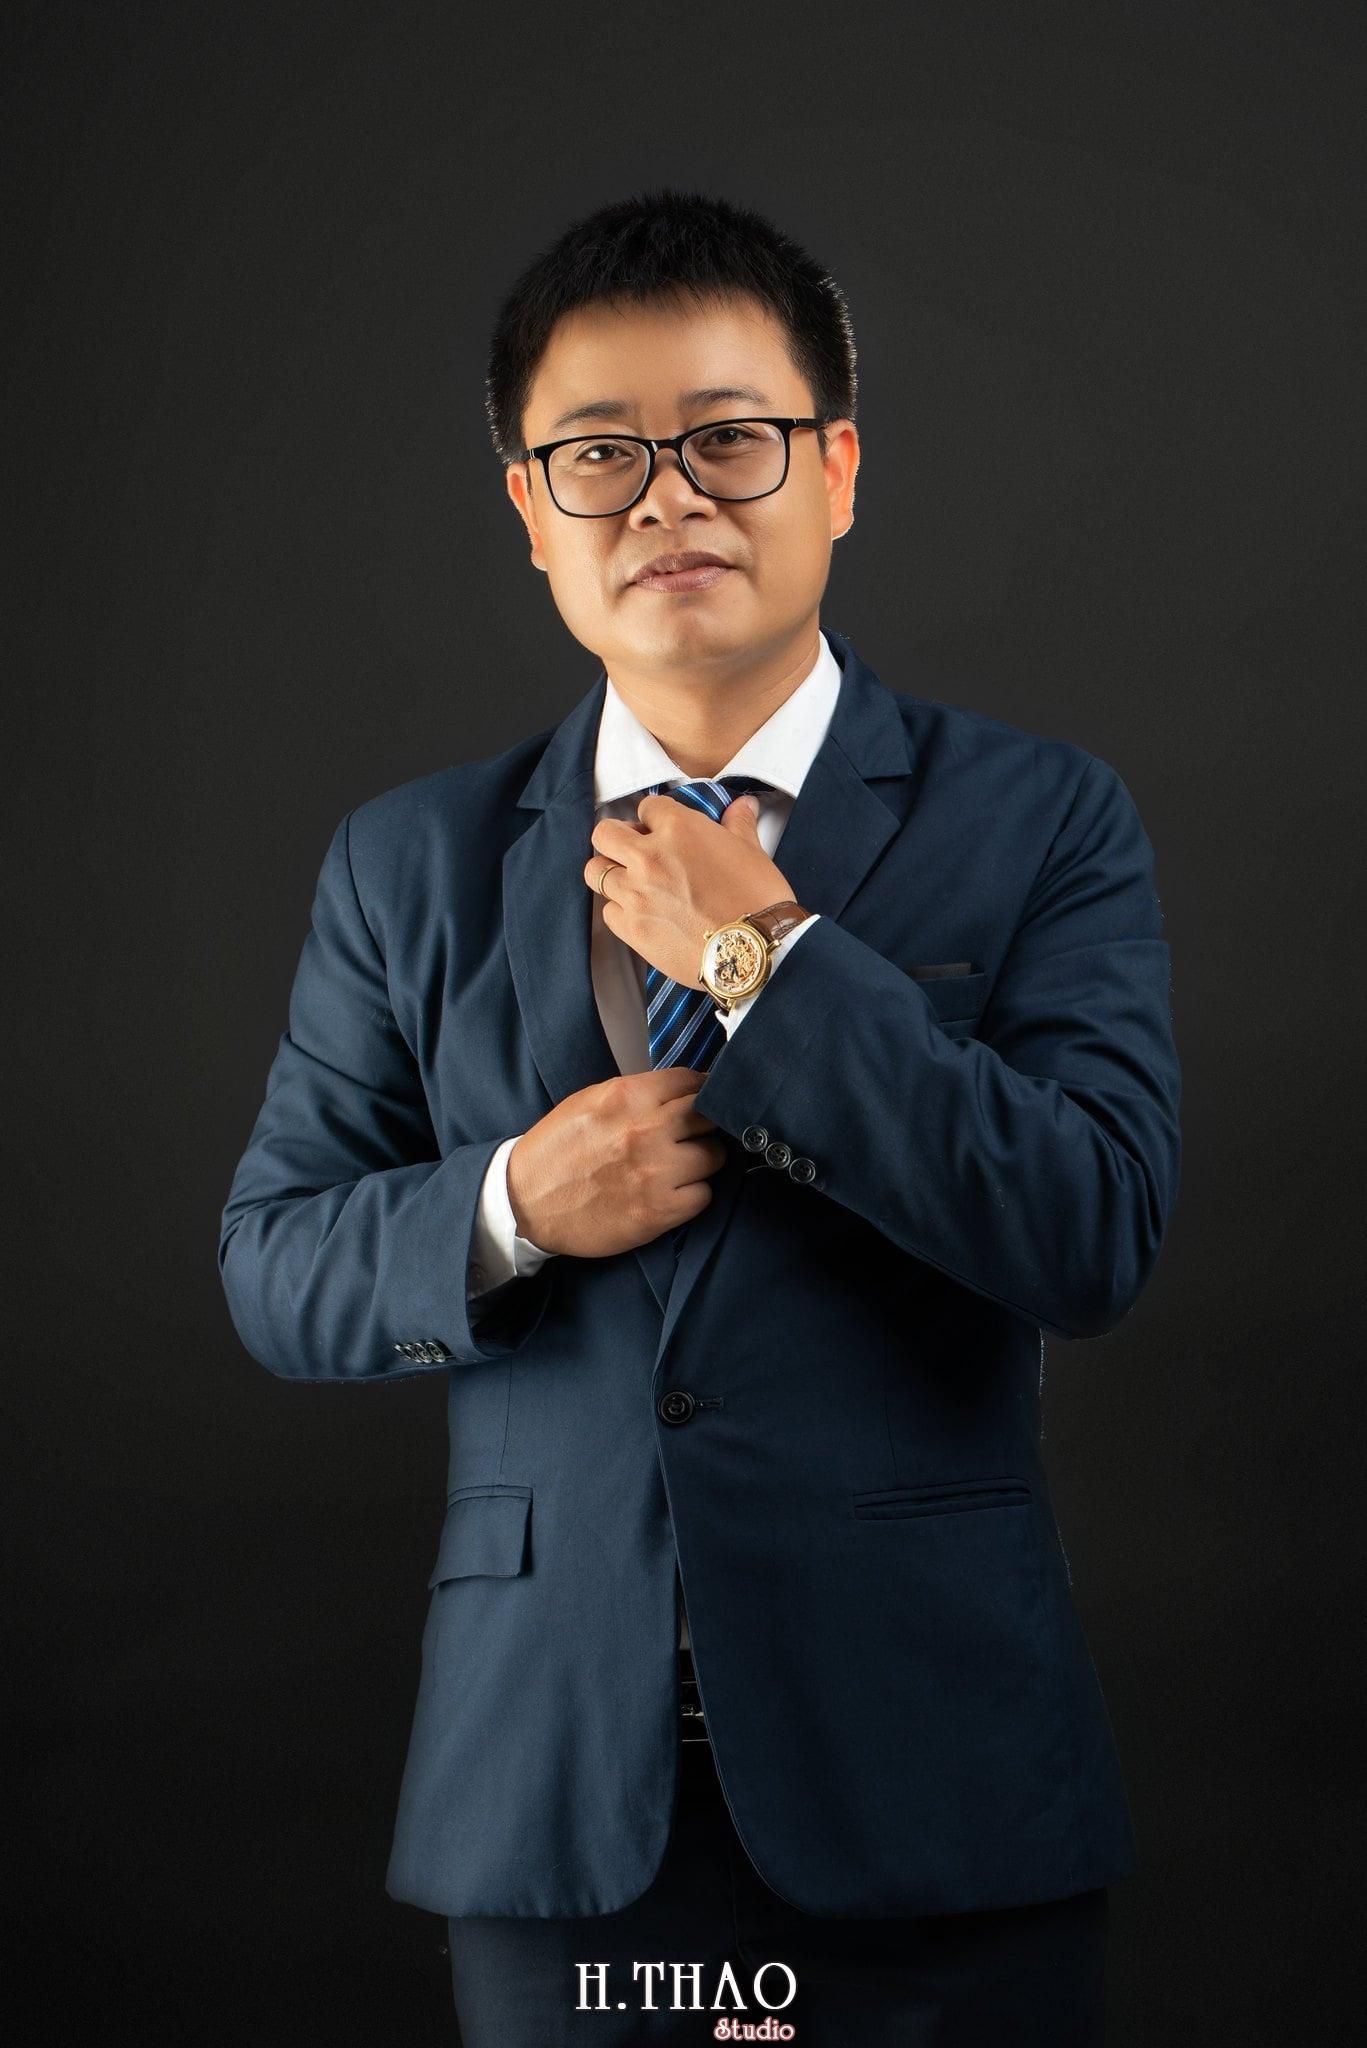 Anh Hoang 7 min - Album ảnh giám đốc Hoàng VIB lịch lãm - HThao Studio